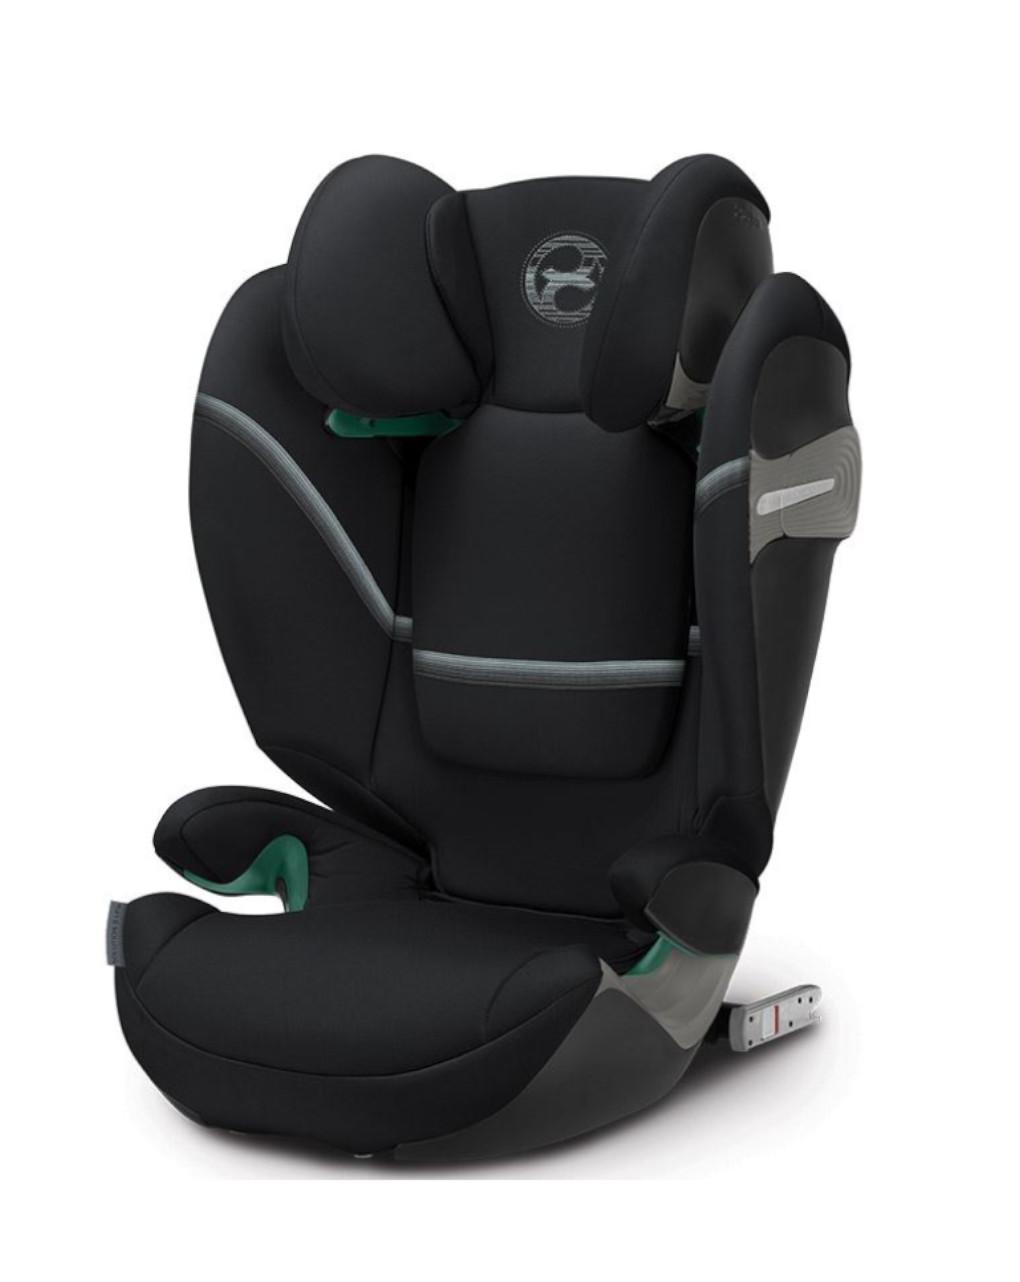 Κάθισμα αυτοκινήτου Solution S I-Fix Deep Black